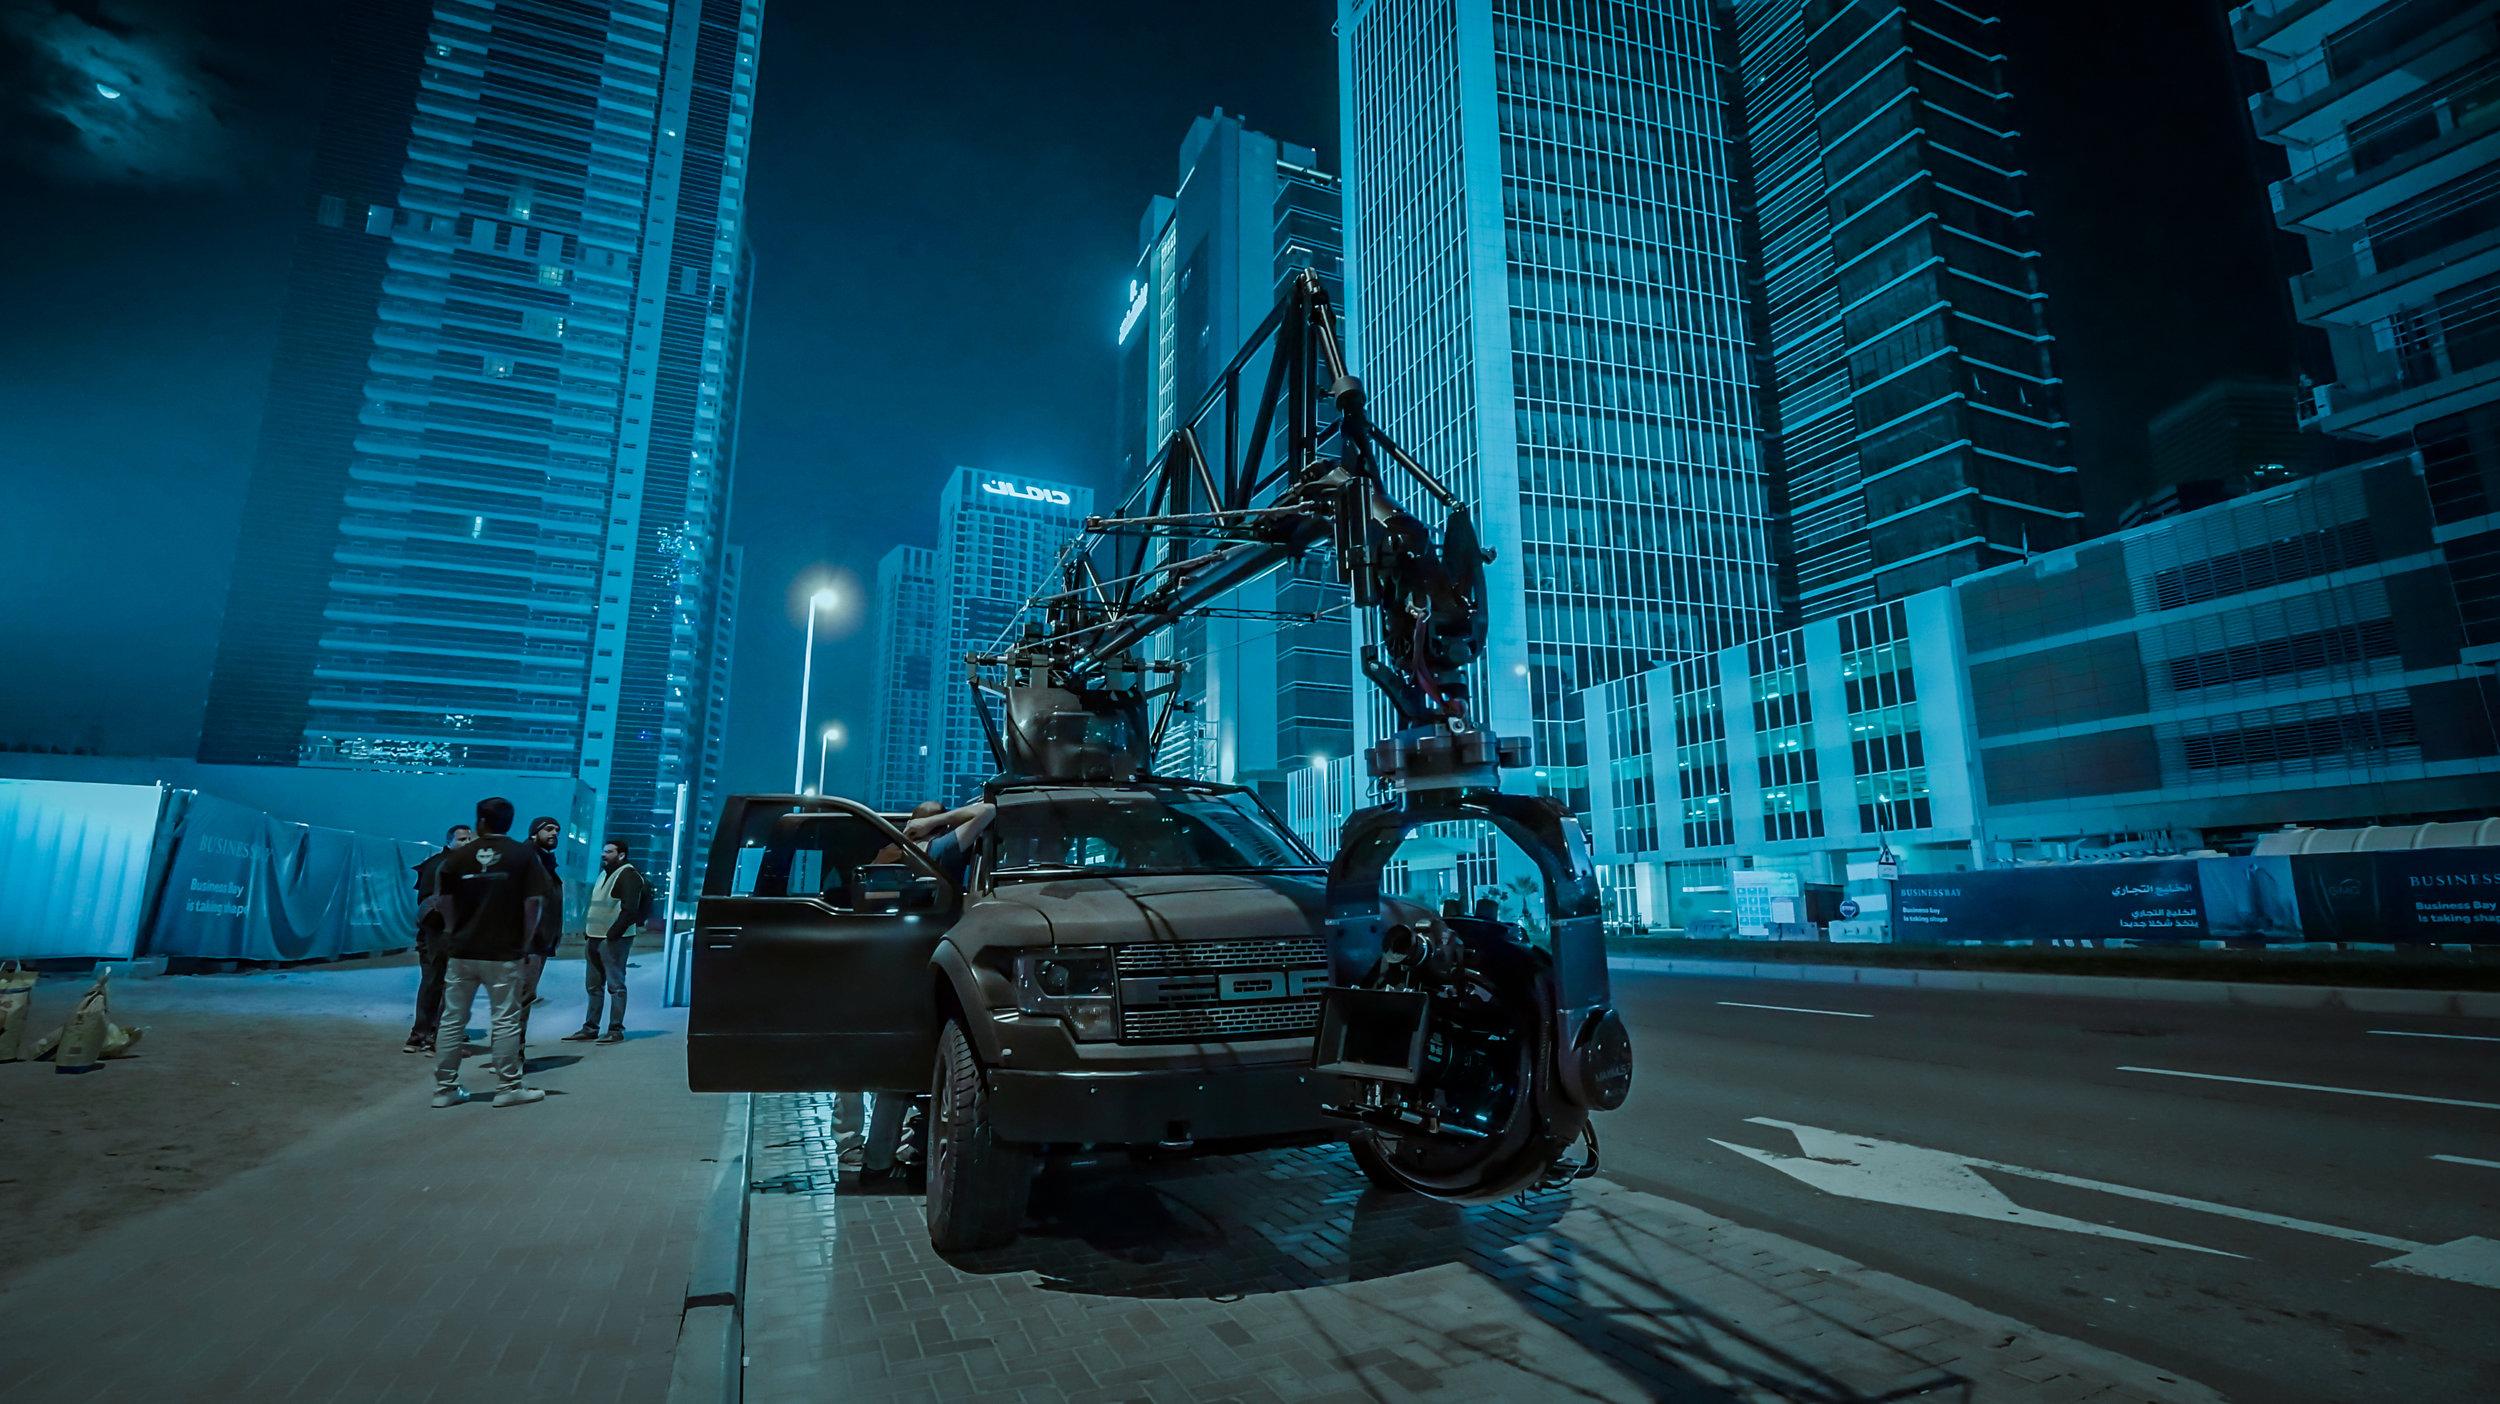 Ultimate Arm Dubai